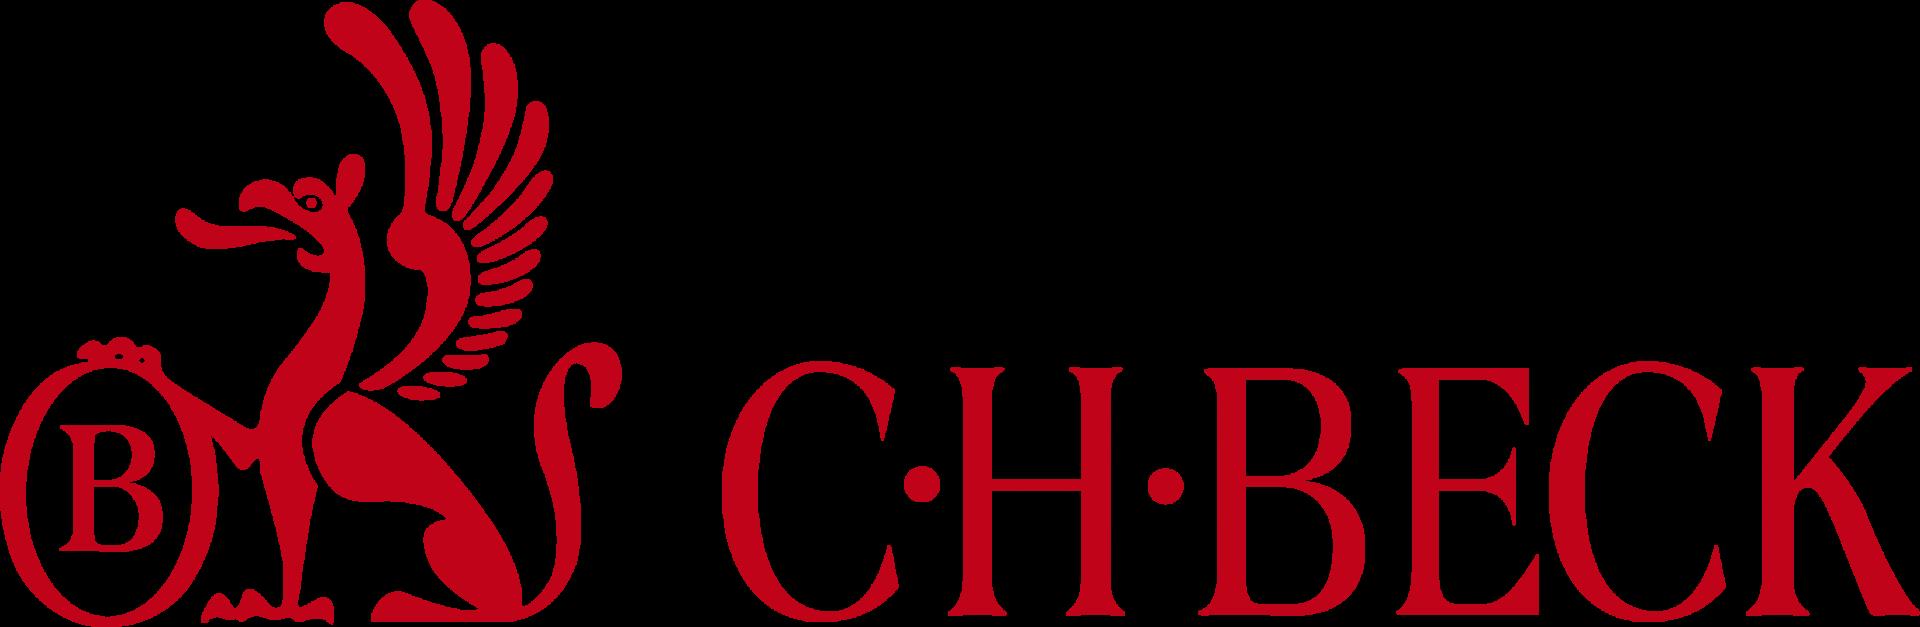 logo grifin C. H. BECK vedle sebe červená OŘEZ